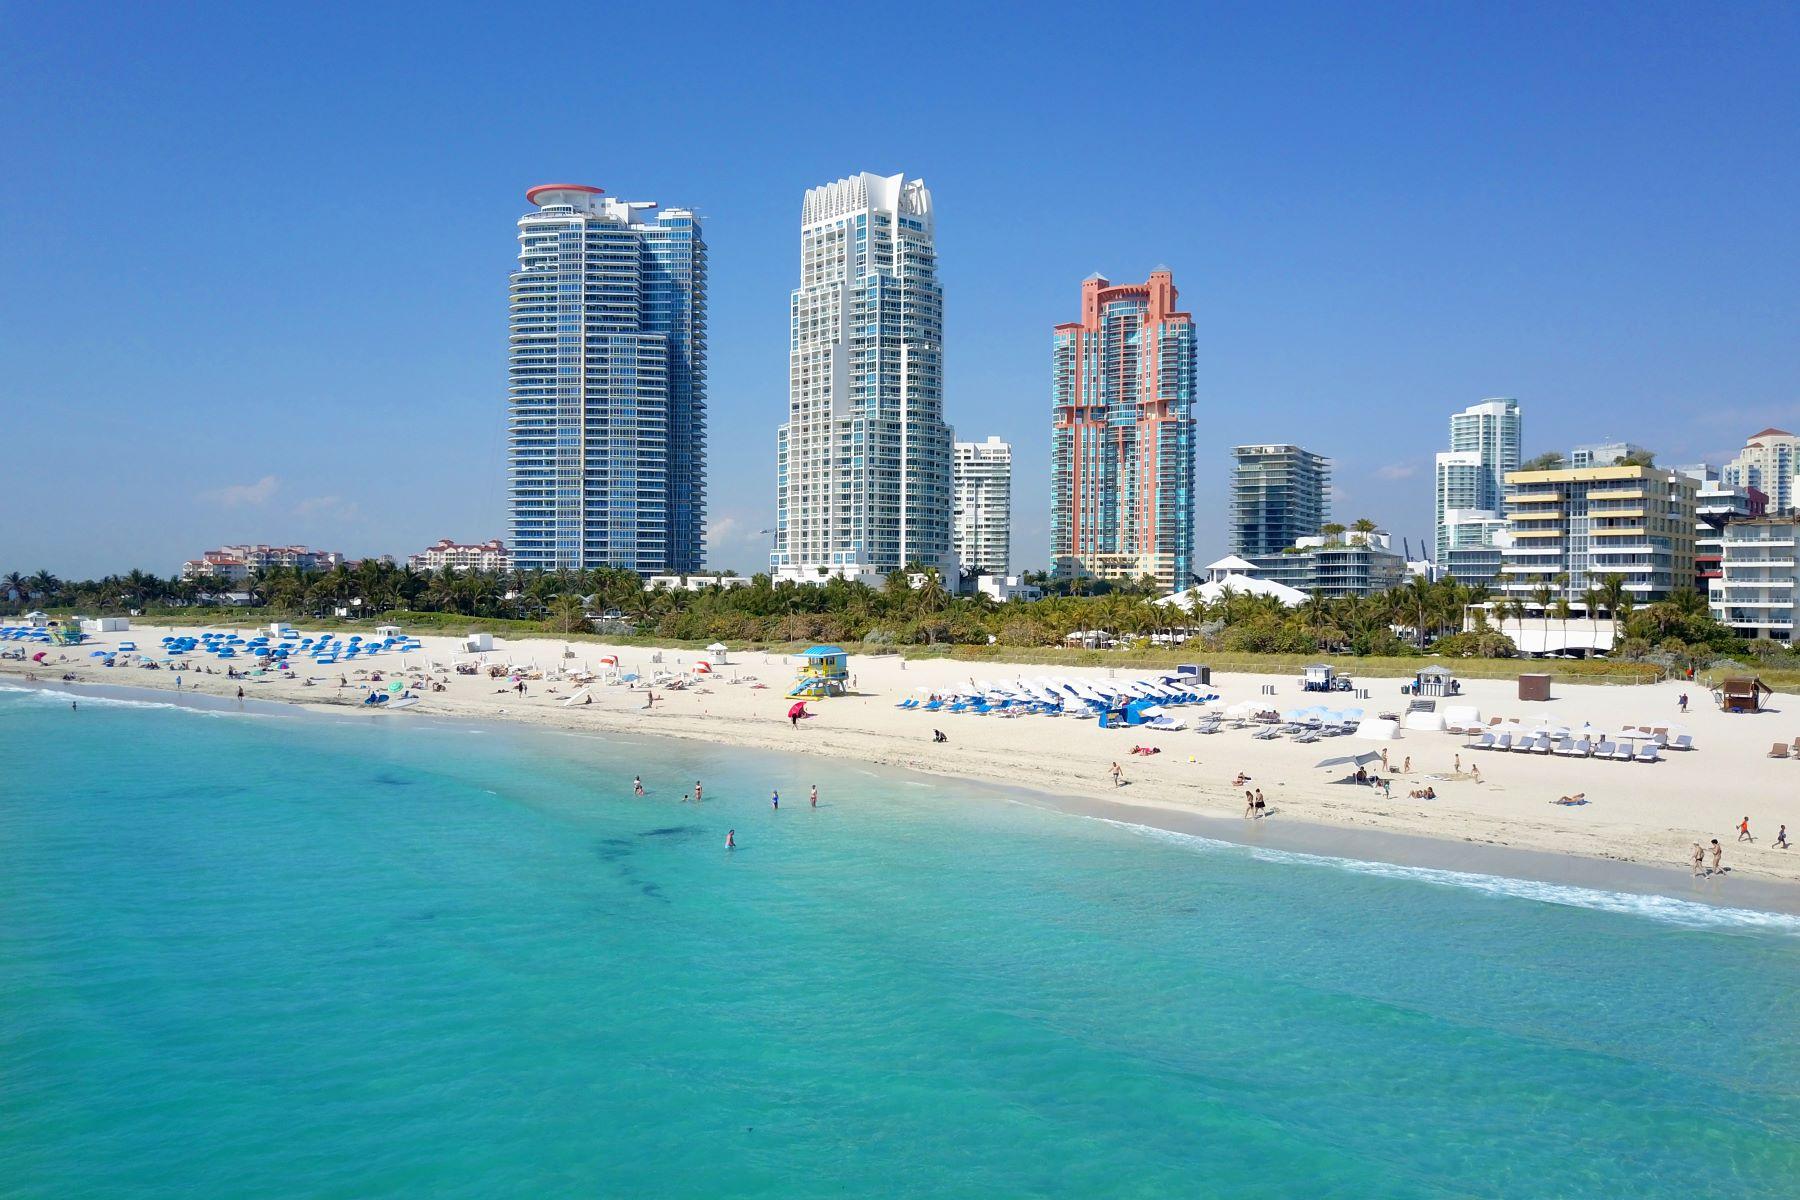 Copropriété pour l Vente à 100 S Pointe Dr #1404 100 SPointe Dr 1404 Miami Beach, Florida, 33139 États-Unis